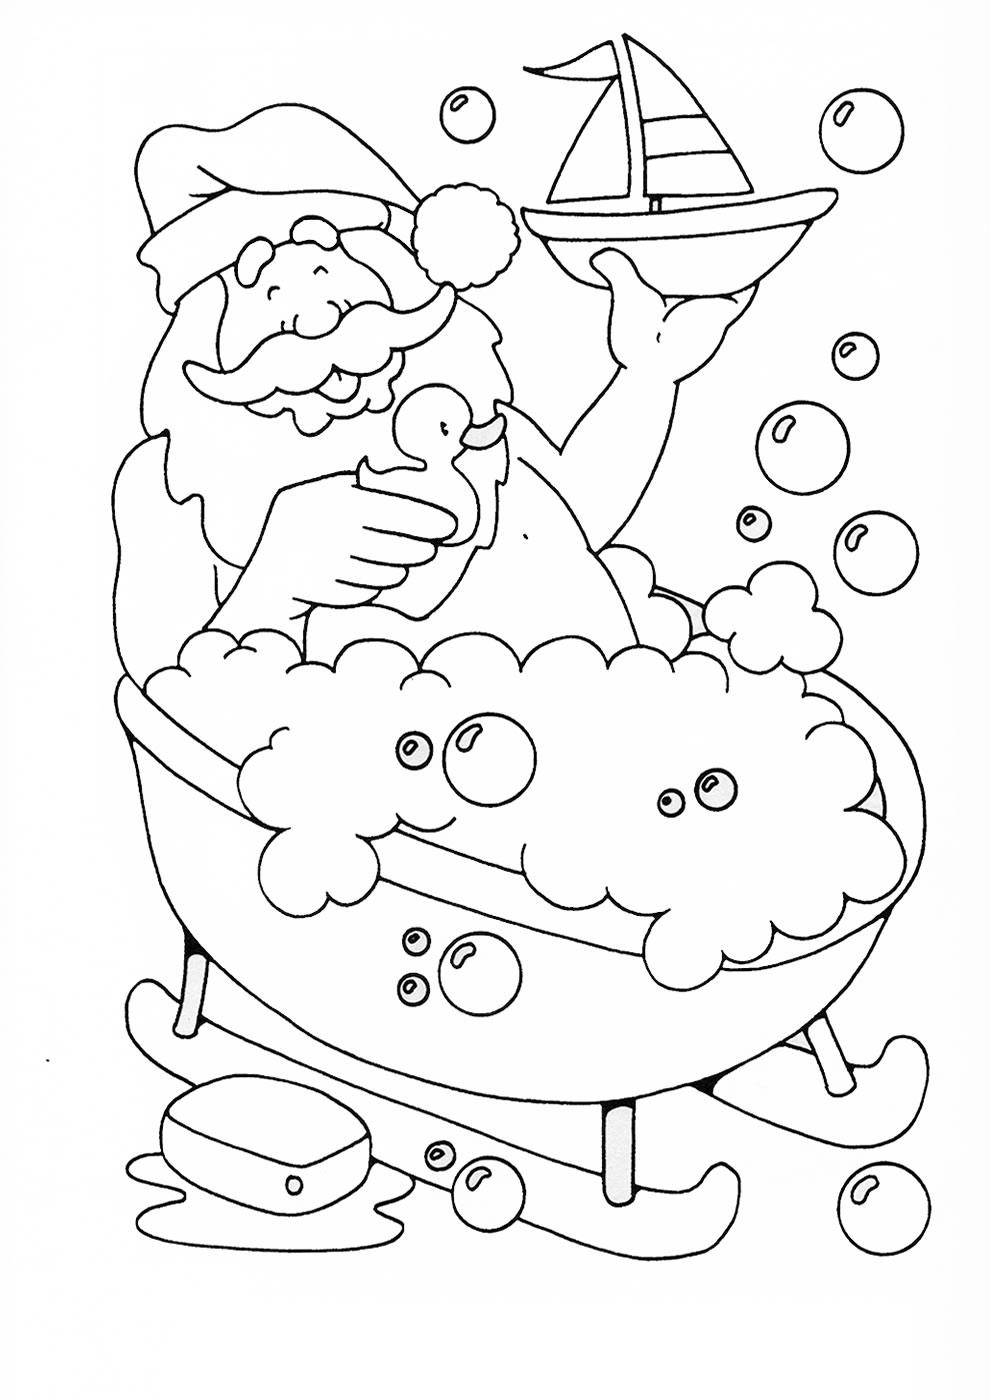 Unique Bonnet Du Pere Noel Coloriage | Haut Coloriage Hd tout Coloriage Père Noel Gratuit À Imprimer